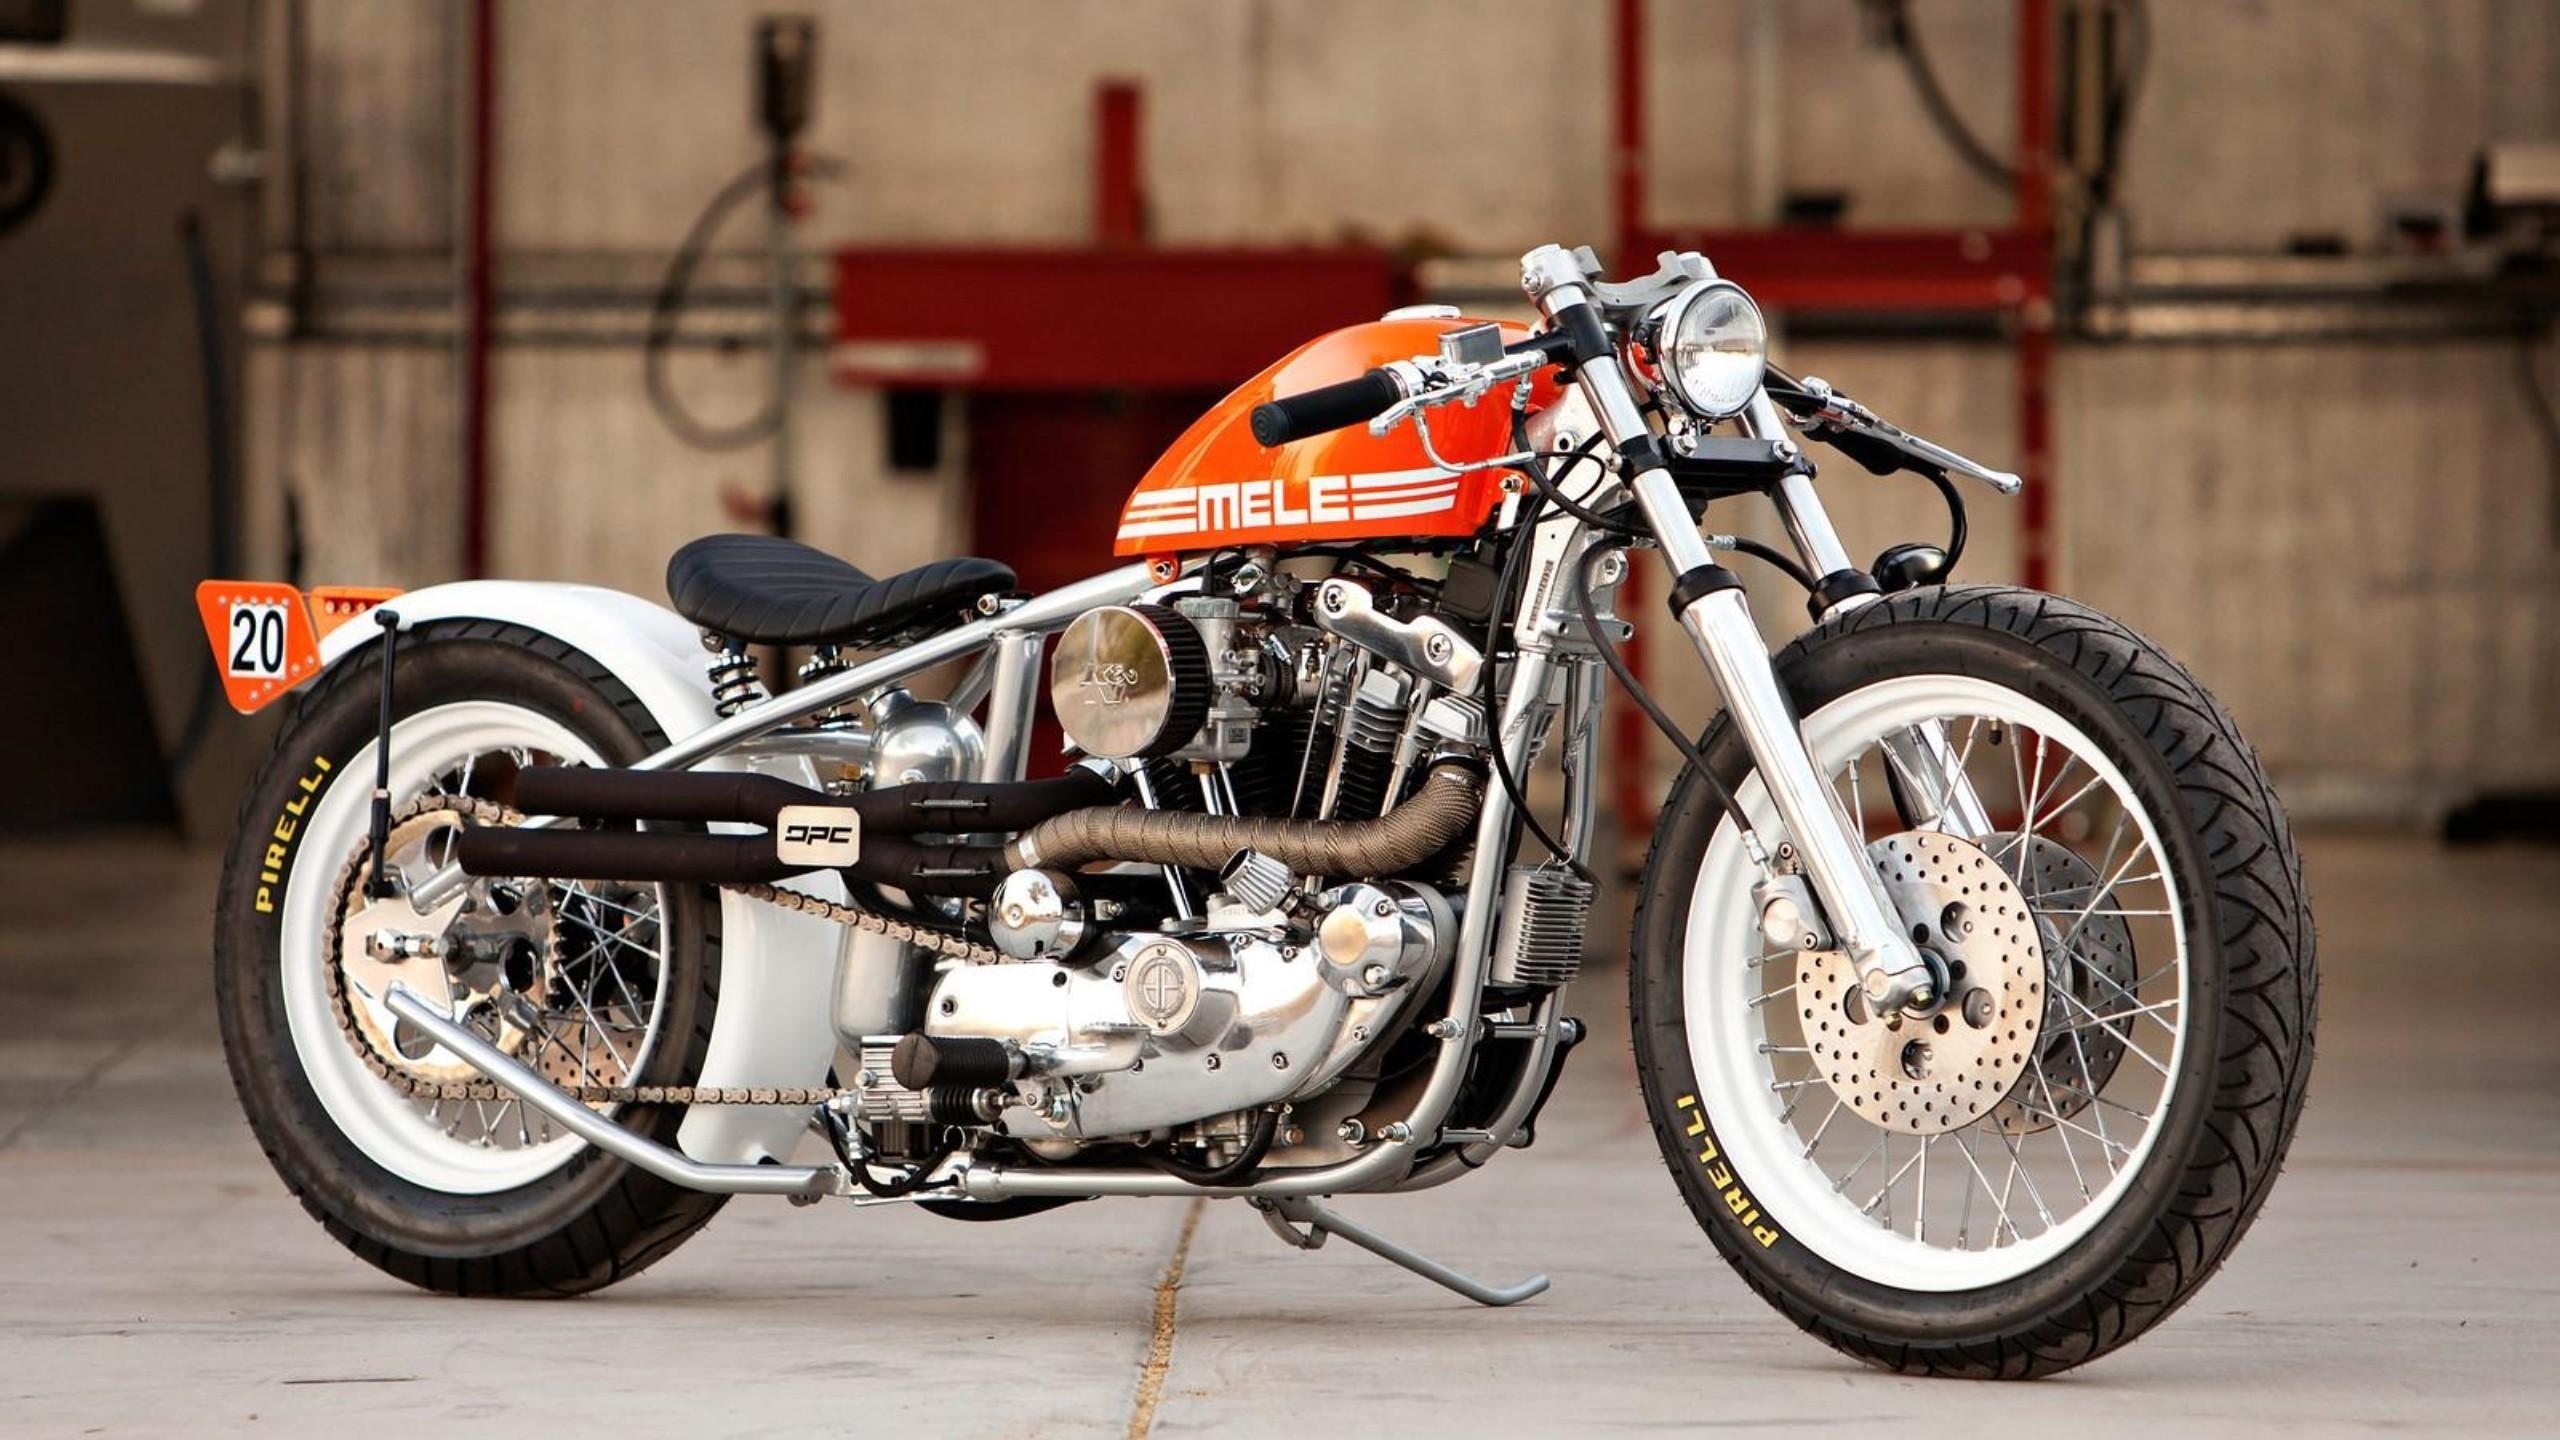 Res: 2560x1440, Harley bobber